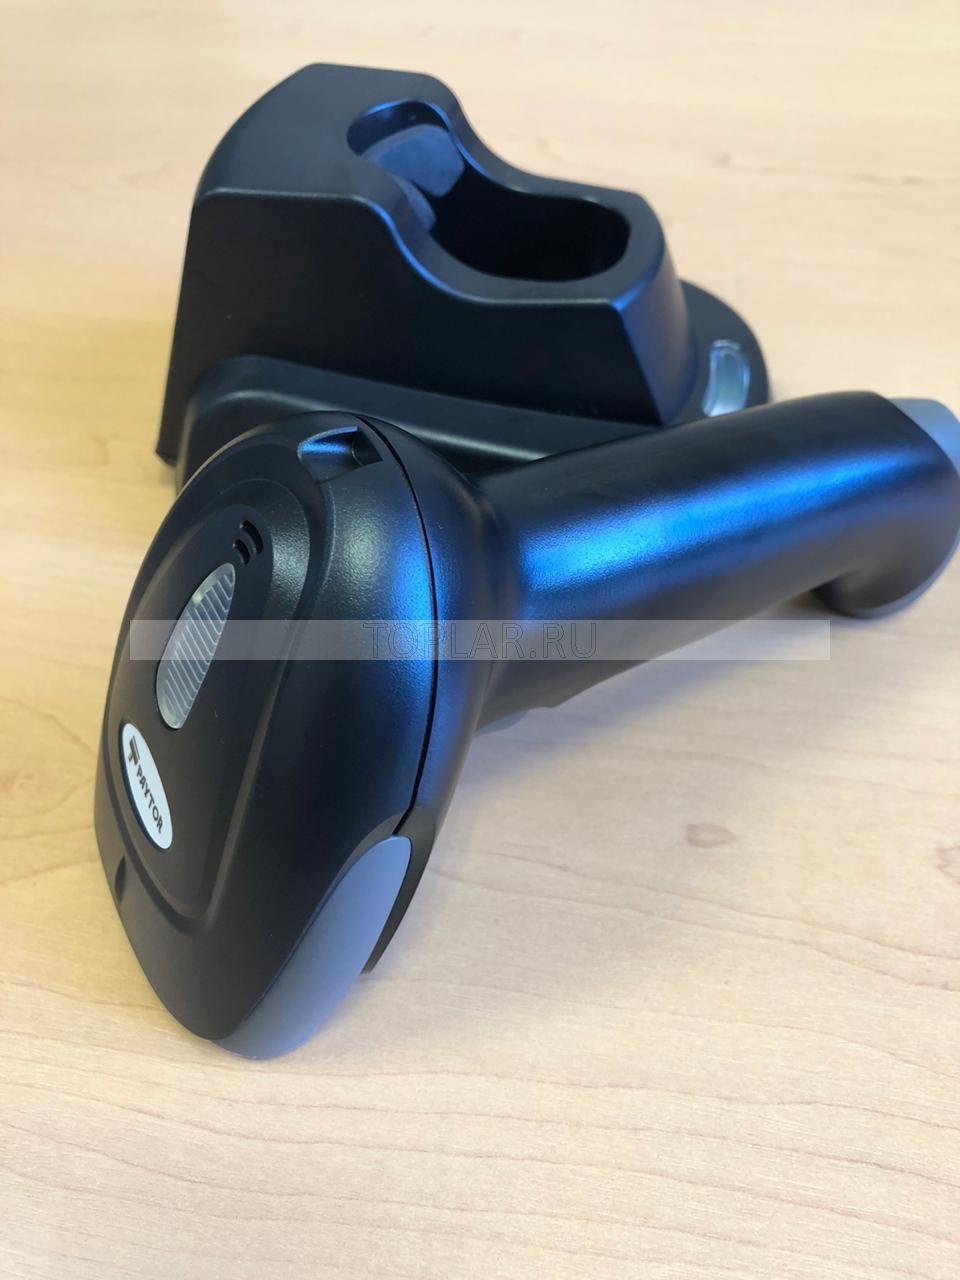 Сканер штрих-кода PayTor DS-1009 DS-1009-UB1-11 (беспроводной сканер с док-станцией (USB))